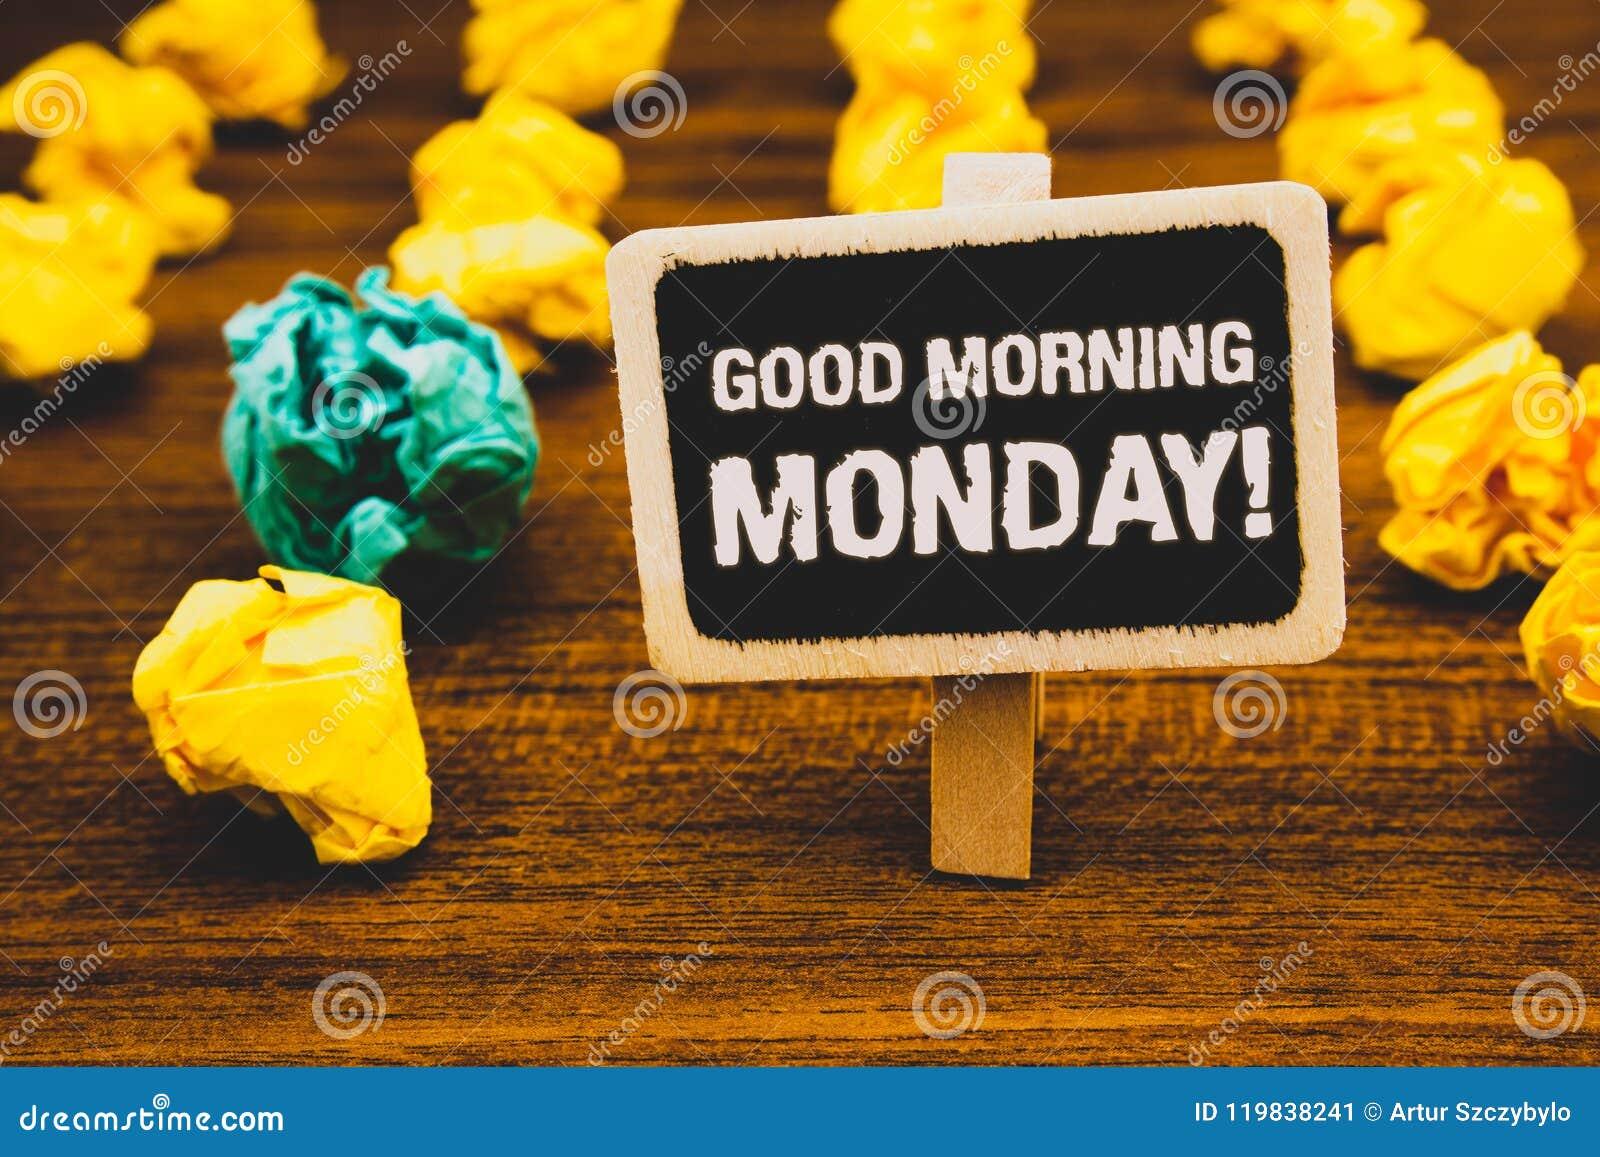 Tekstteken die Goedemorgenmaandag Motievenvraag tonen Het conceptuele Energieke het Ontbijtbord van de foto Gelukkige Positivitei